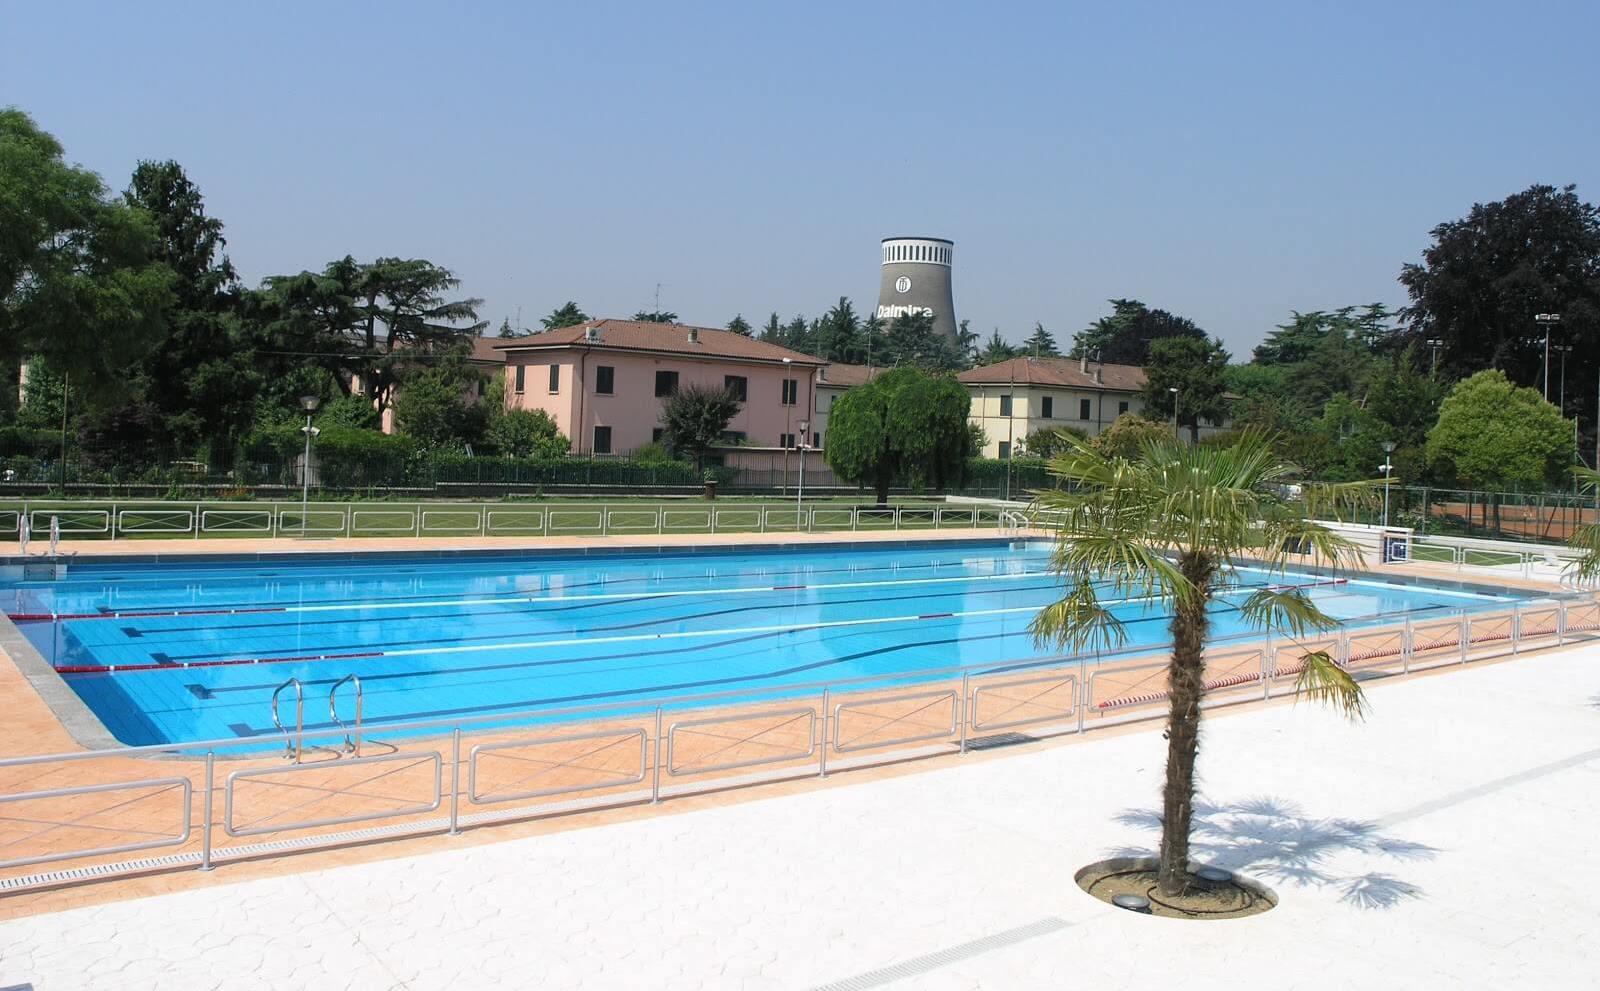 Dalmine sulle piscine comunali l amministrazione prenda - Orari piscina dalmine ...